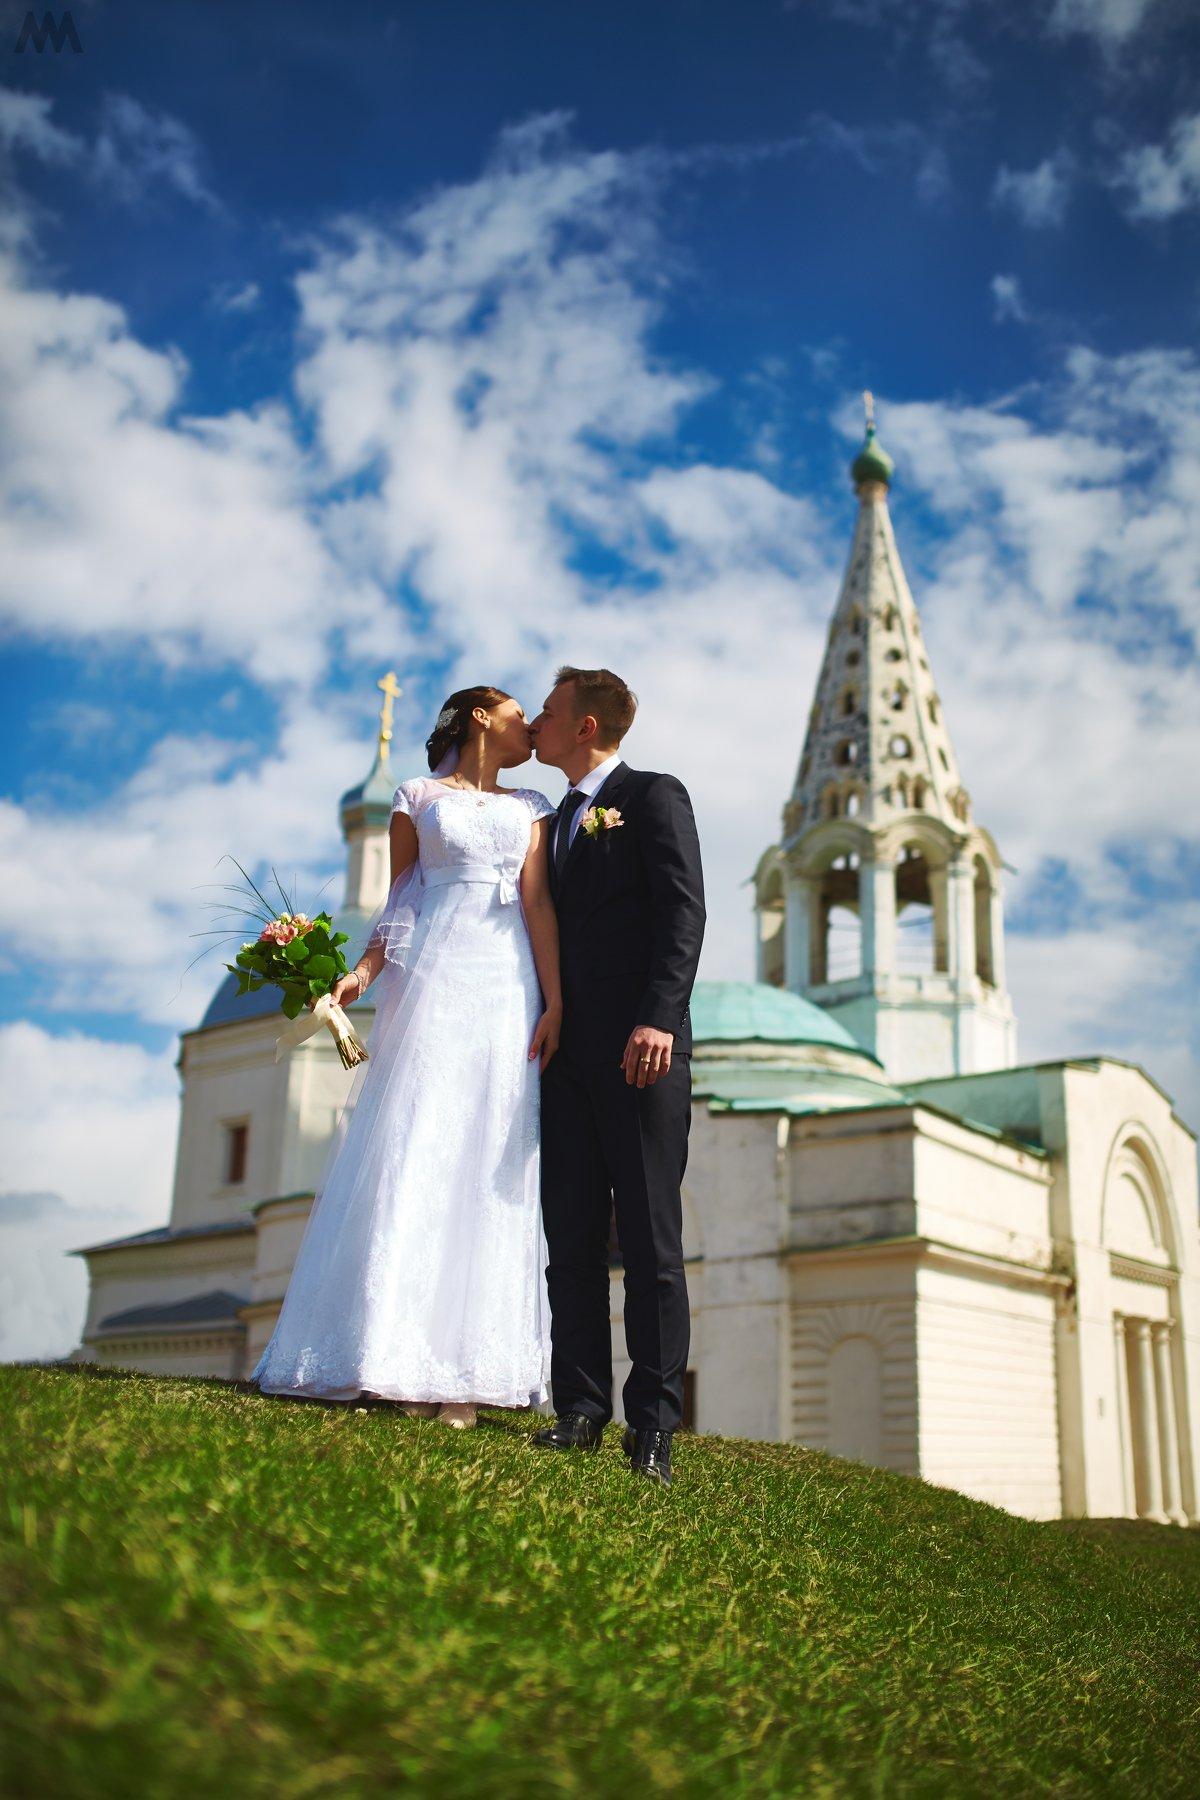 wedding, свадьба, жених, невеста, любовь, серпухов, подмосковье, россия, Михаил Минков